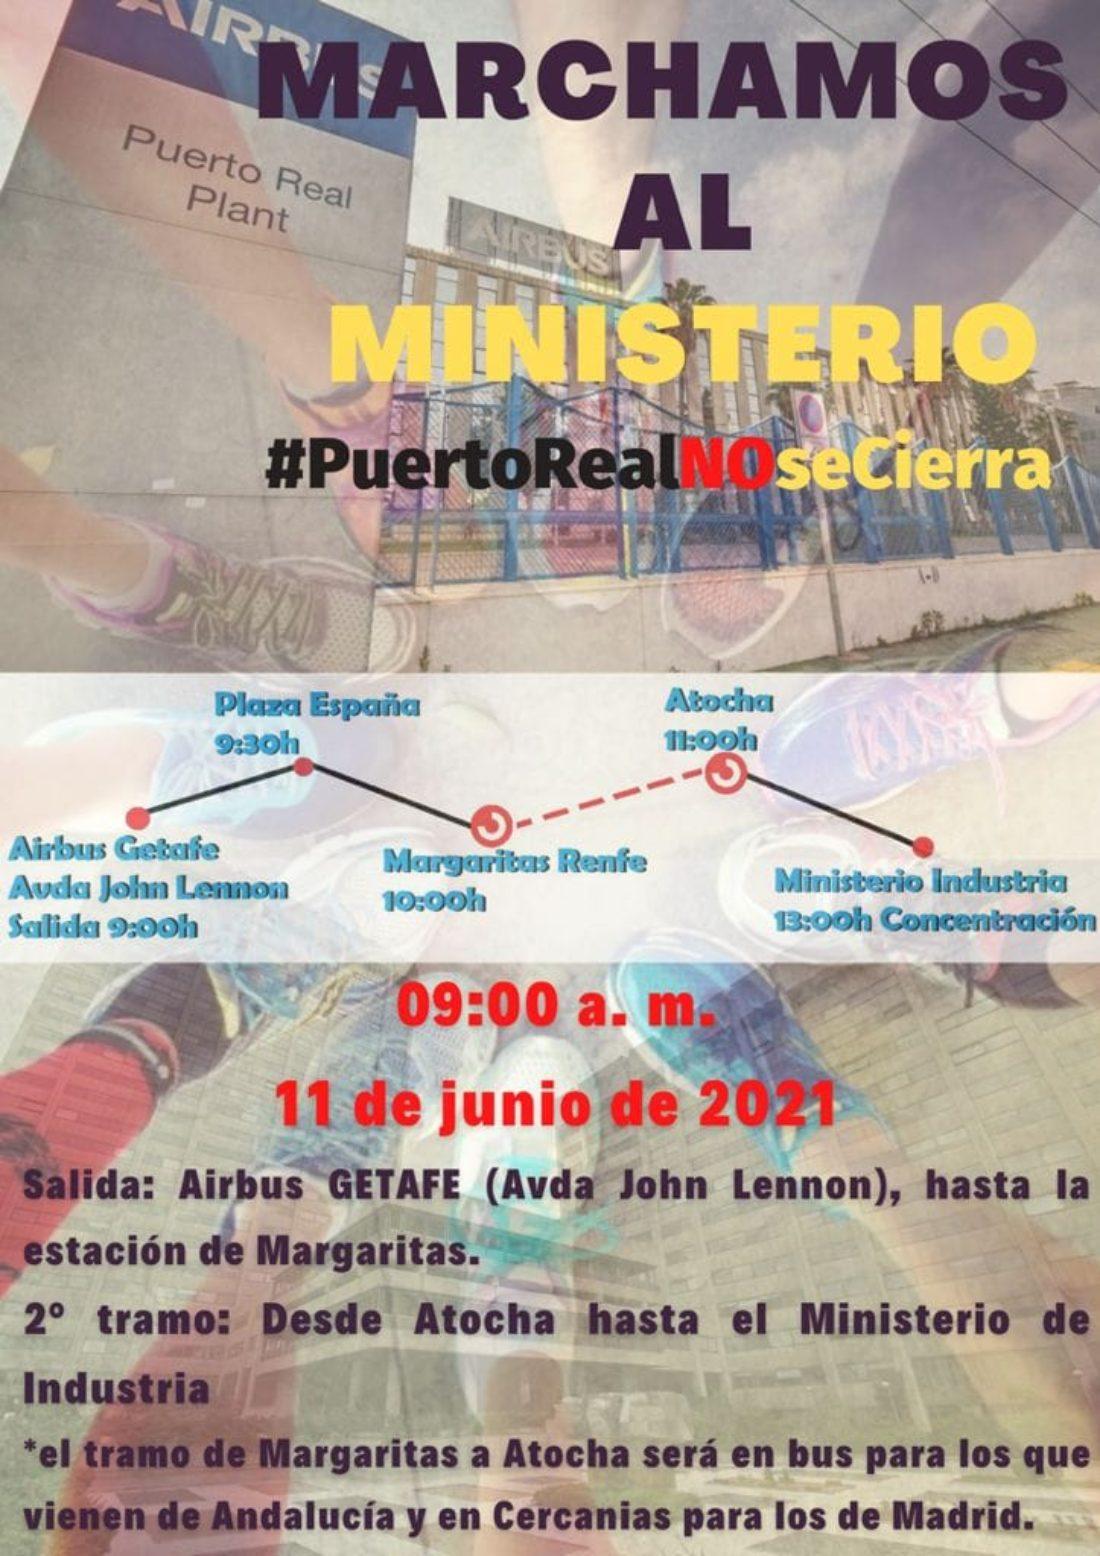 Marcha de las plantillas de Airbus al Ministerio de Industria contra el cierre del centro de Puerto Real